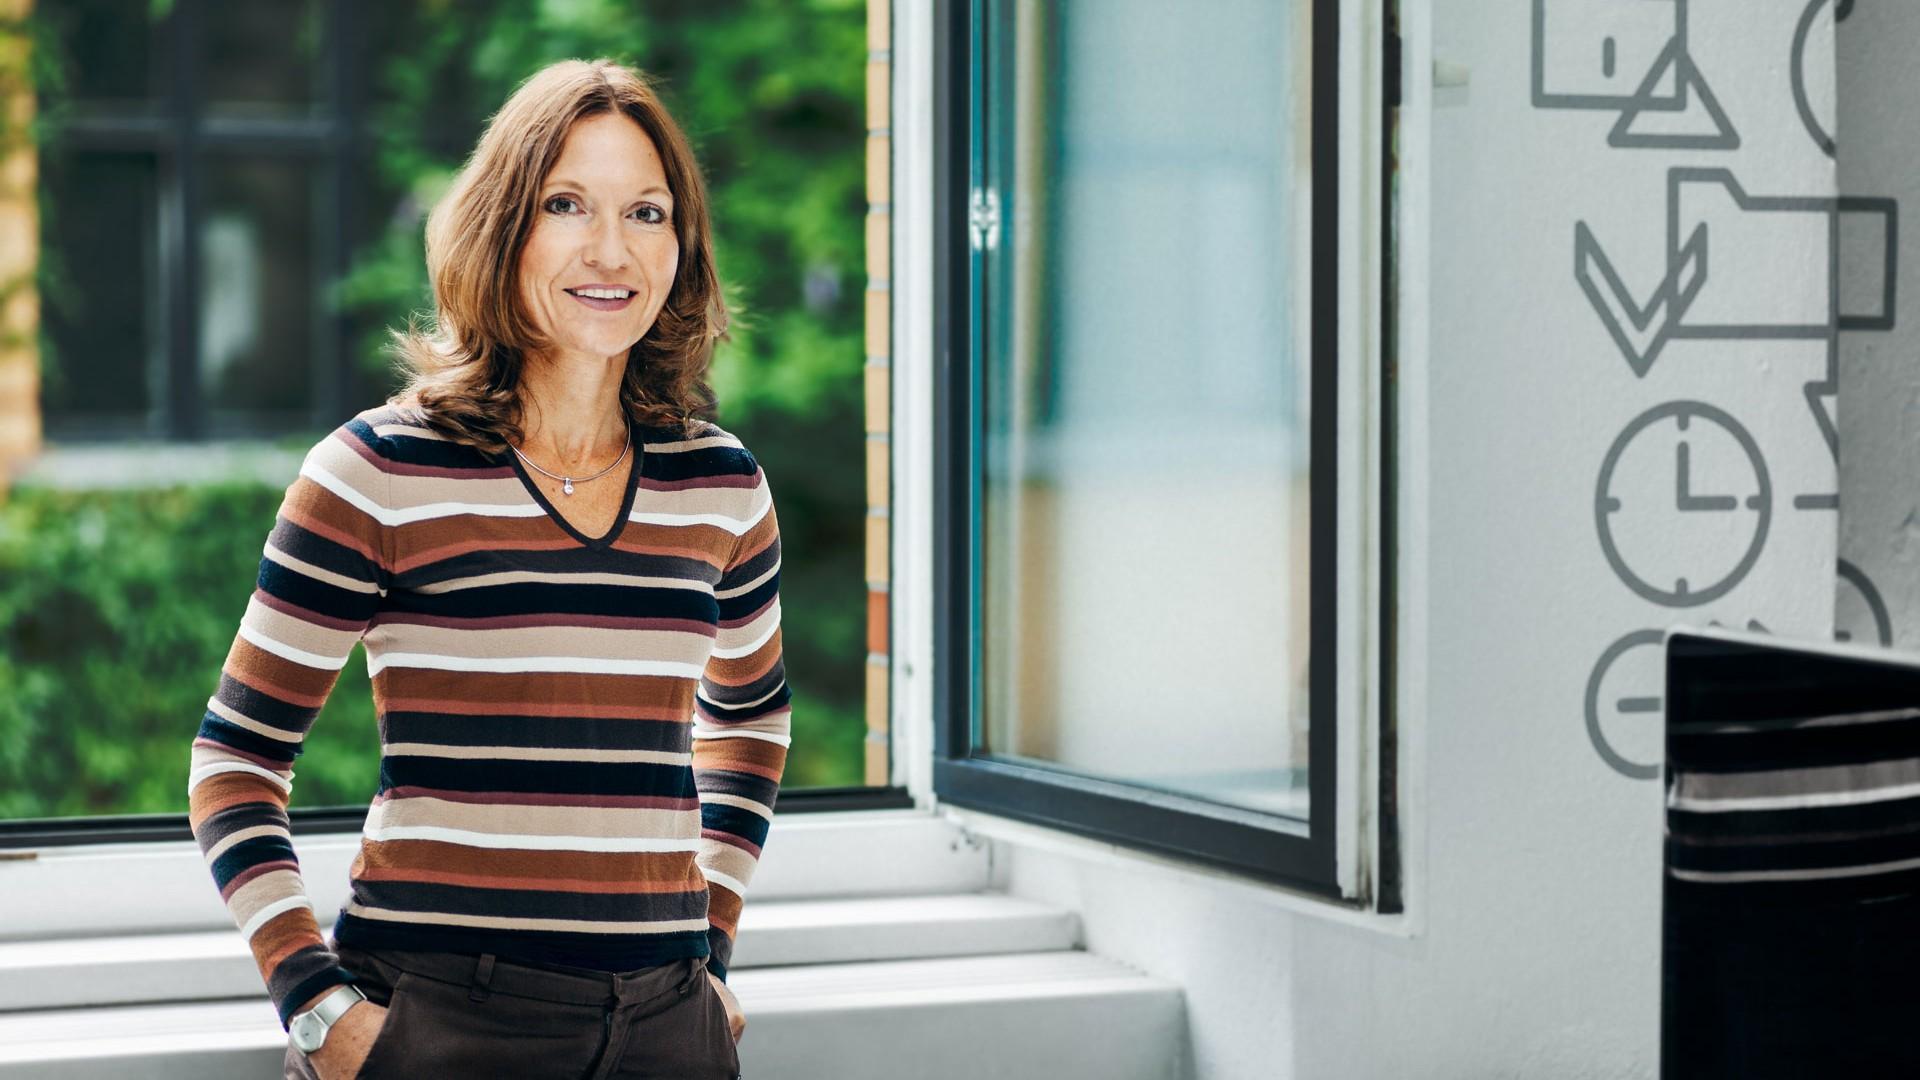 Katrin steht vor einem geöffneten Fenster mit Blick ins Grüne.